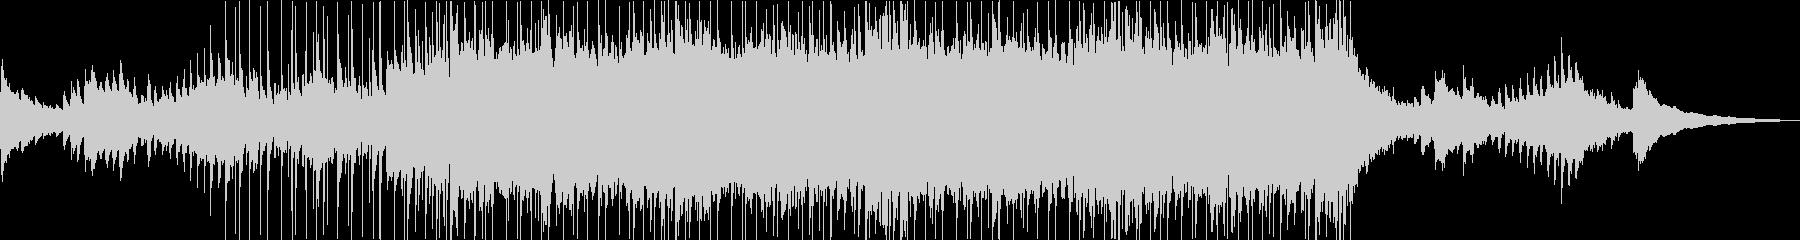 マイナー・壮大なイメージのロックバラードの未再生の波形